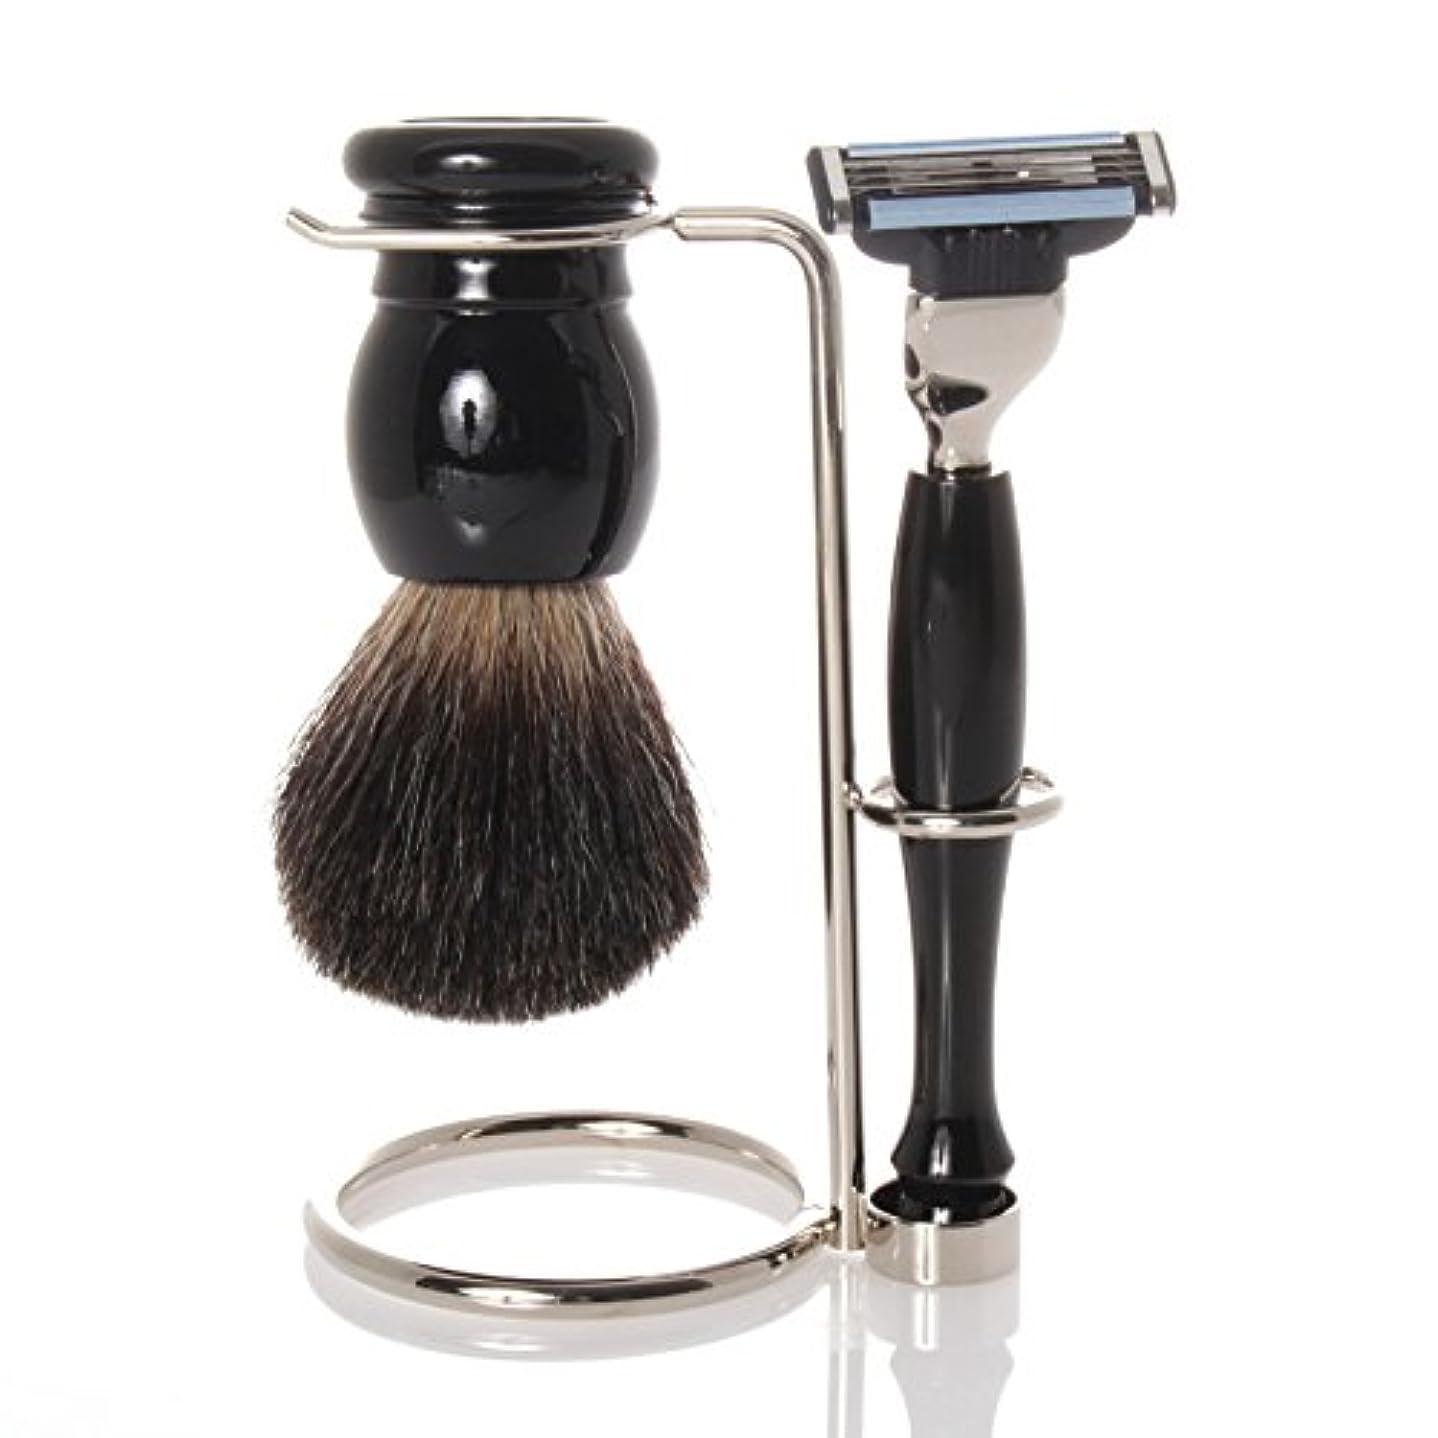 宴会周りルーShaving set with holder, grey badger brush, razor - Hans Baier Exclusive